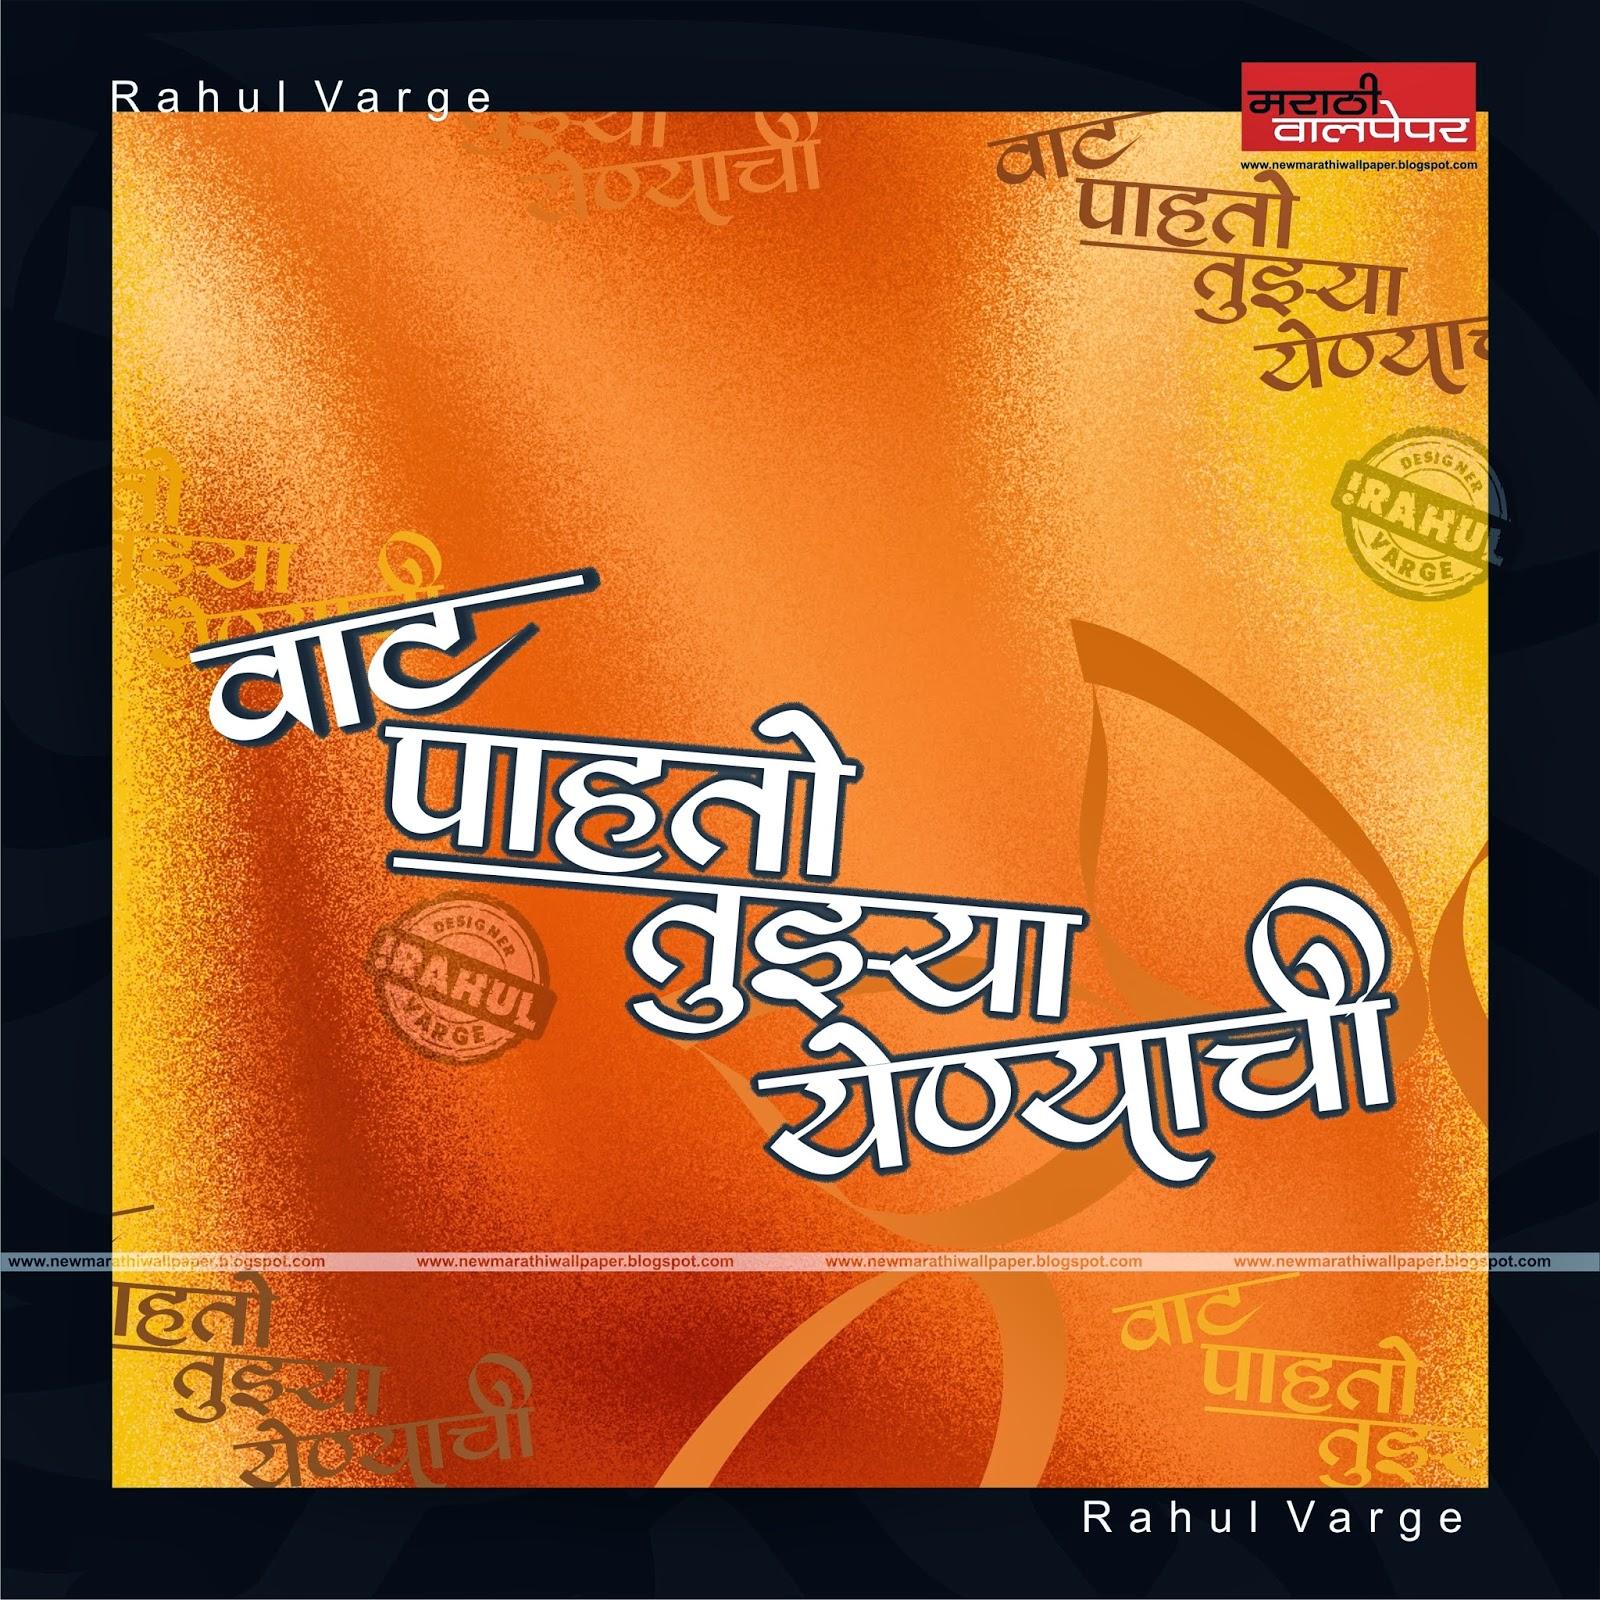 Rahul Name Image 06  LoveSovecom